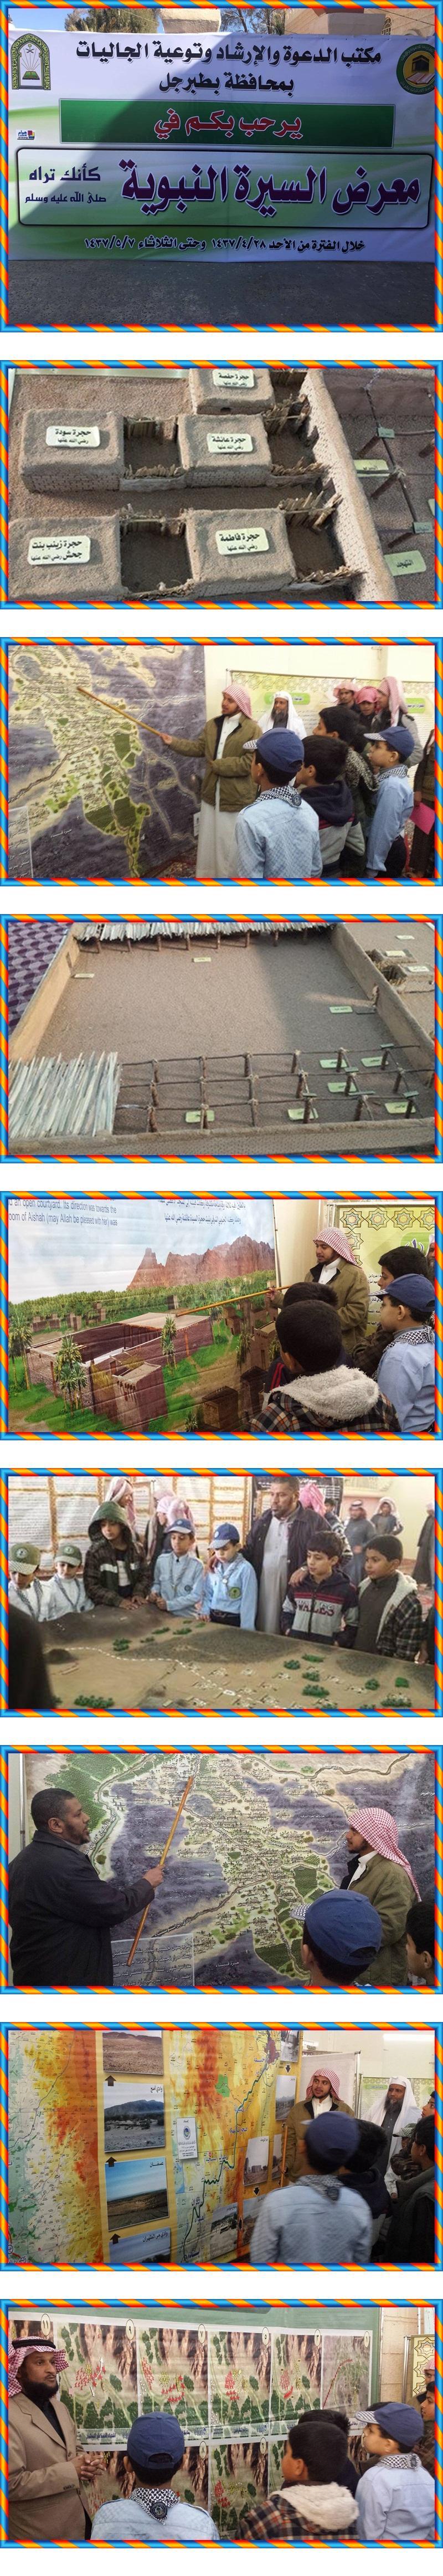 زيارة   طلاب ابتدائية منابر الخير الأهلية  لمعرض  السيره  النبوية 929438448.jpg